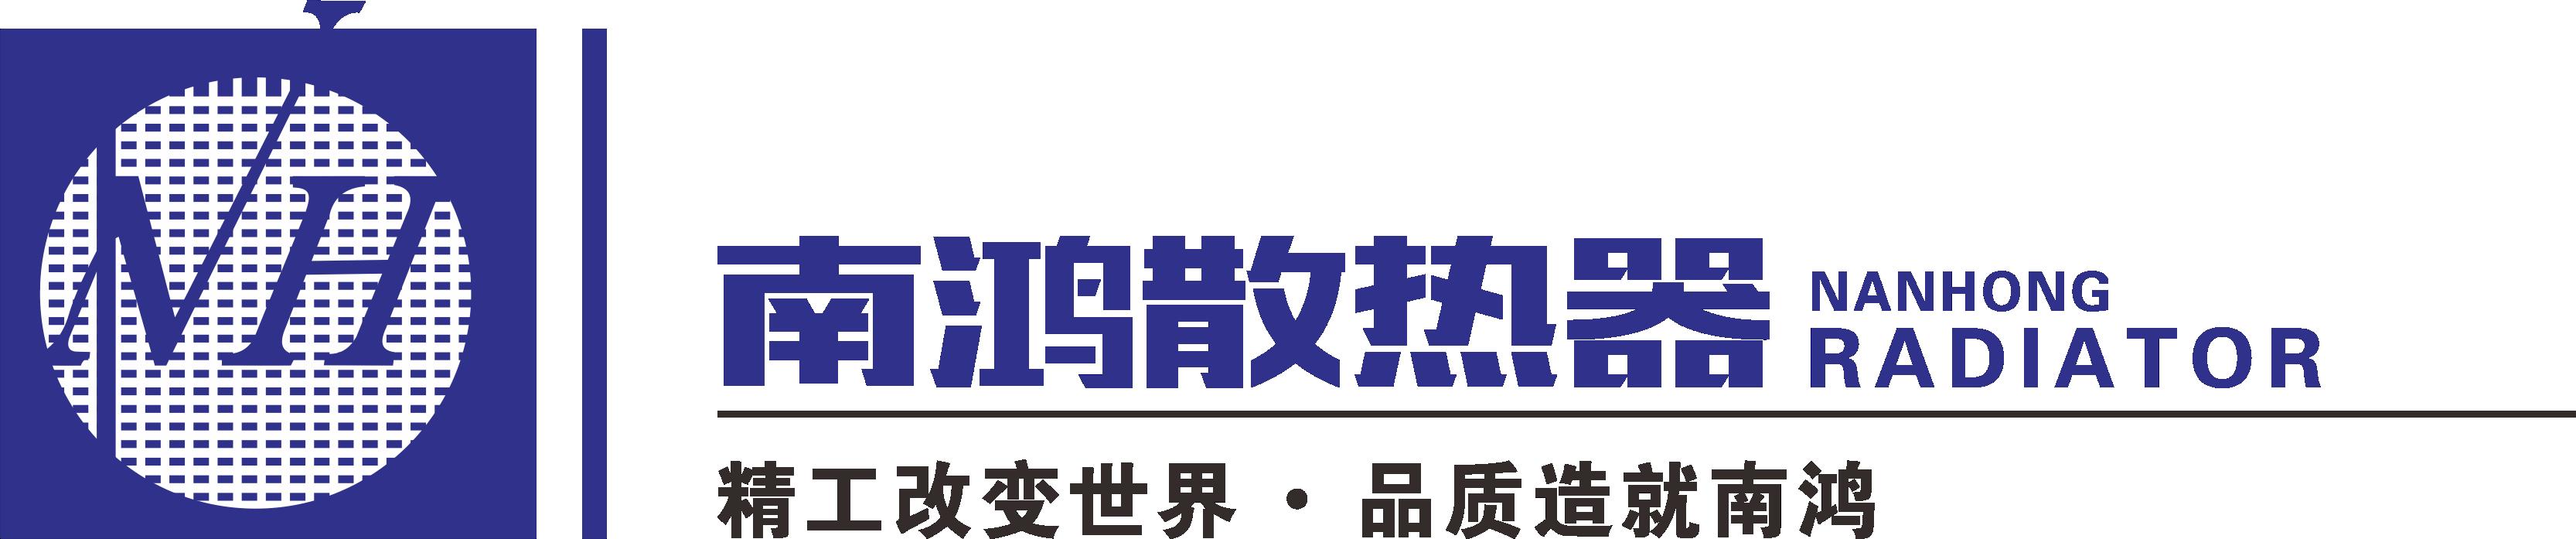 广州市多乐游戏注册散热器有限公司